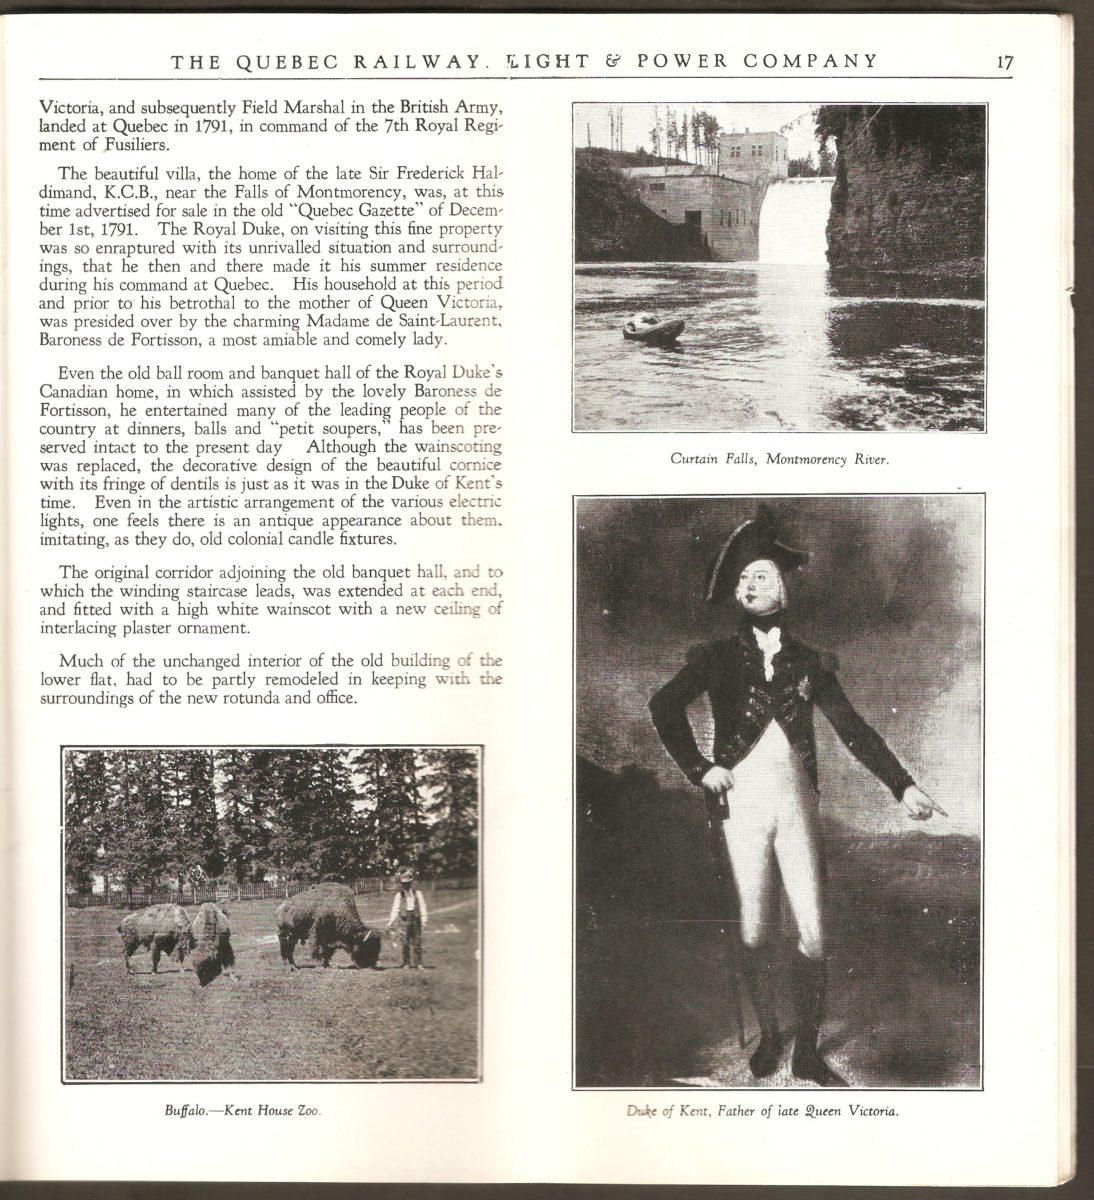 Troisième double page de la brochure de la Quebec Railway Light & Power Co. consacrée au site de la chute Montmorency. Y figure, entre autres, une photographie de bisons du zoo Holt Renfrew.